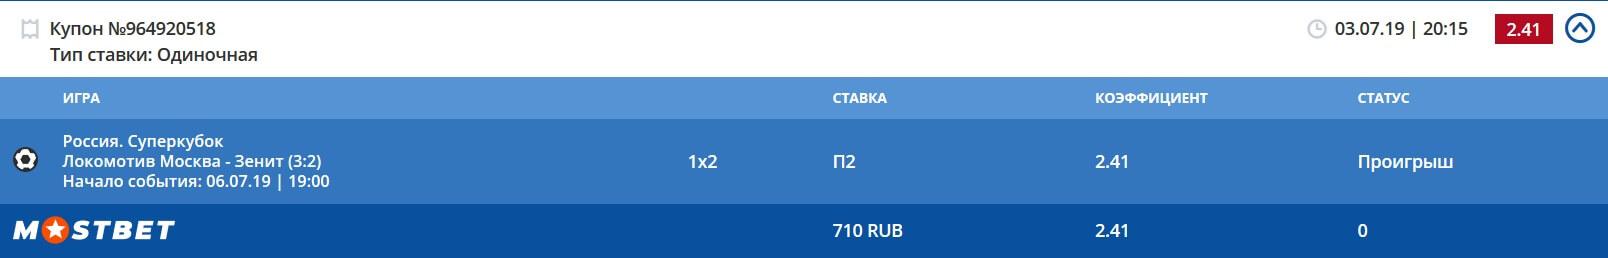 Локомотив Москва - Зенит, Результаты Ставки